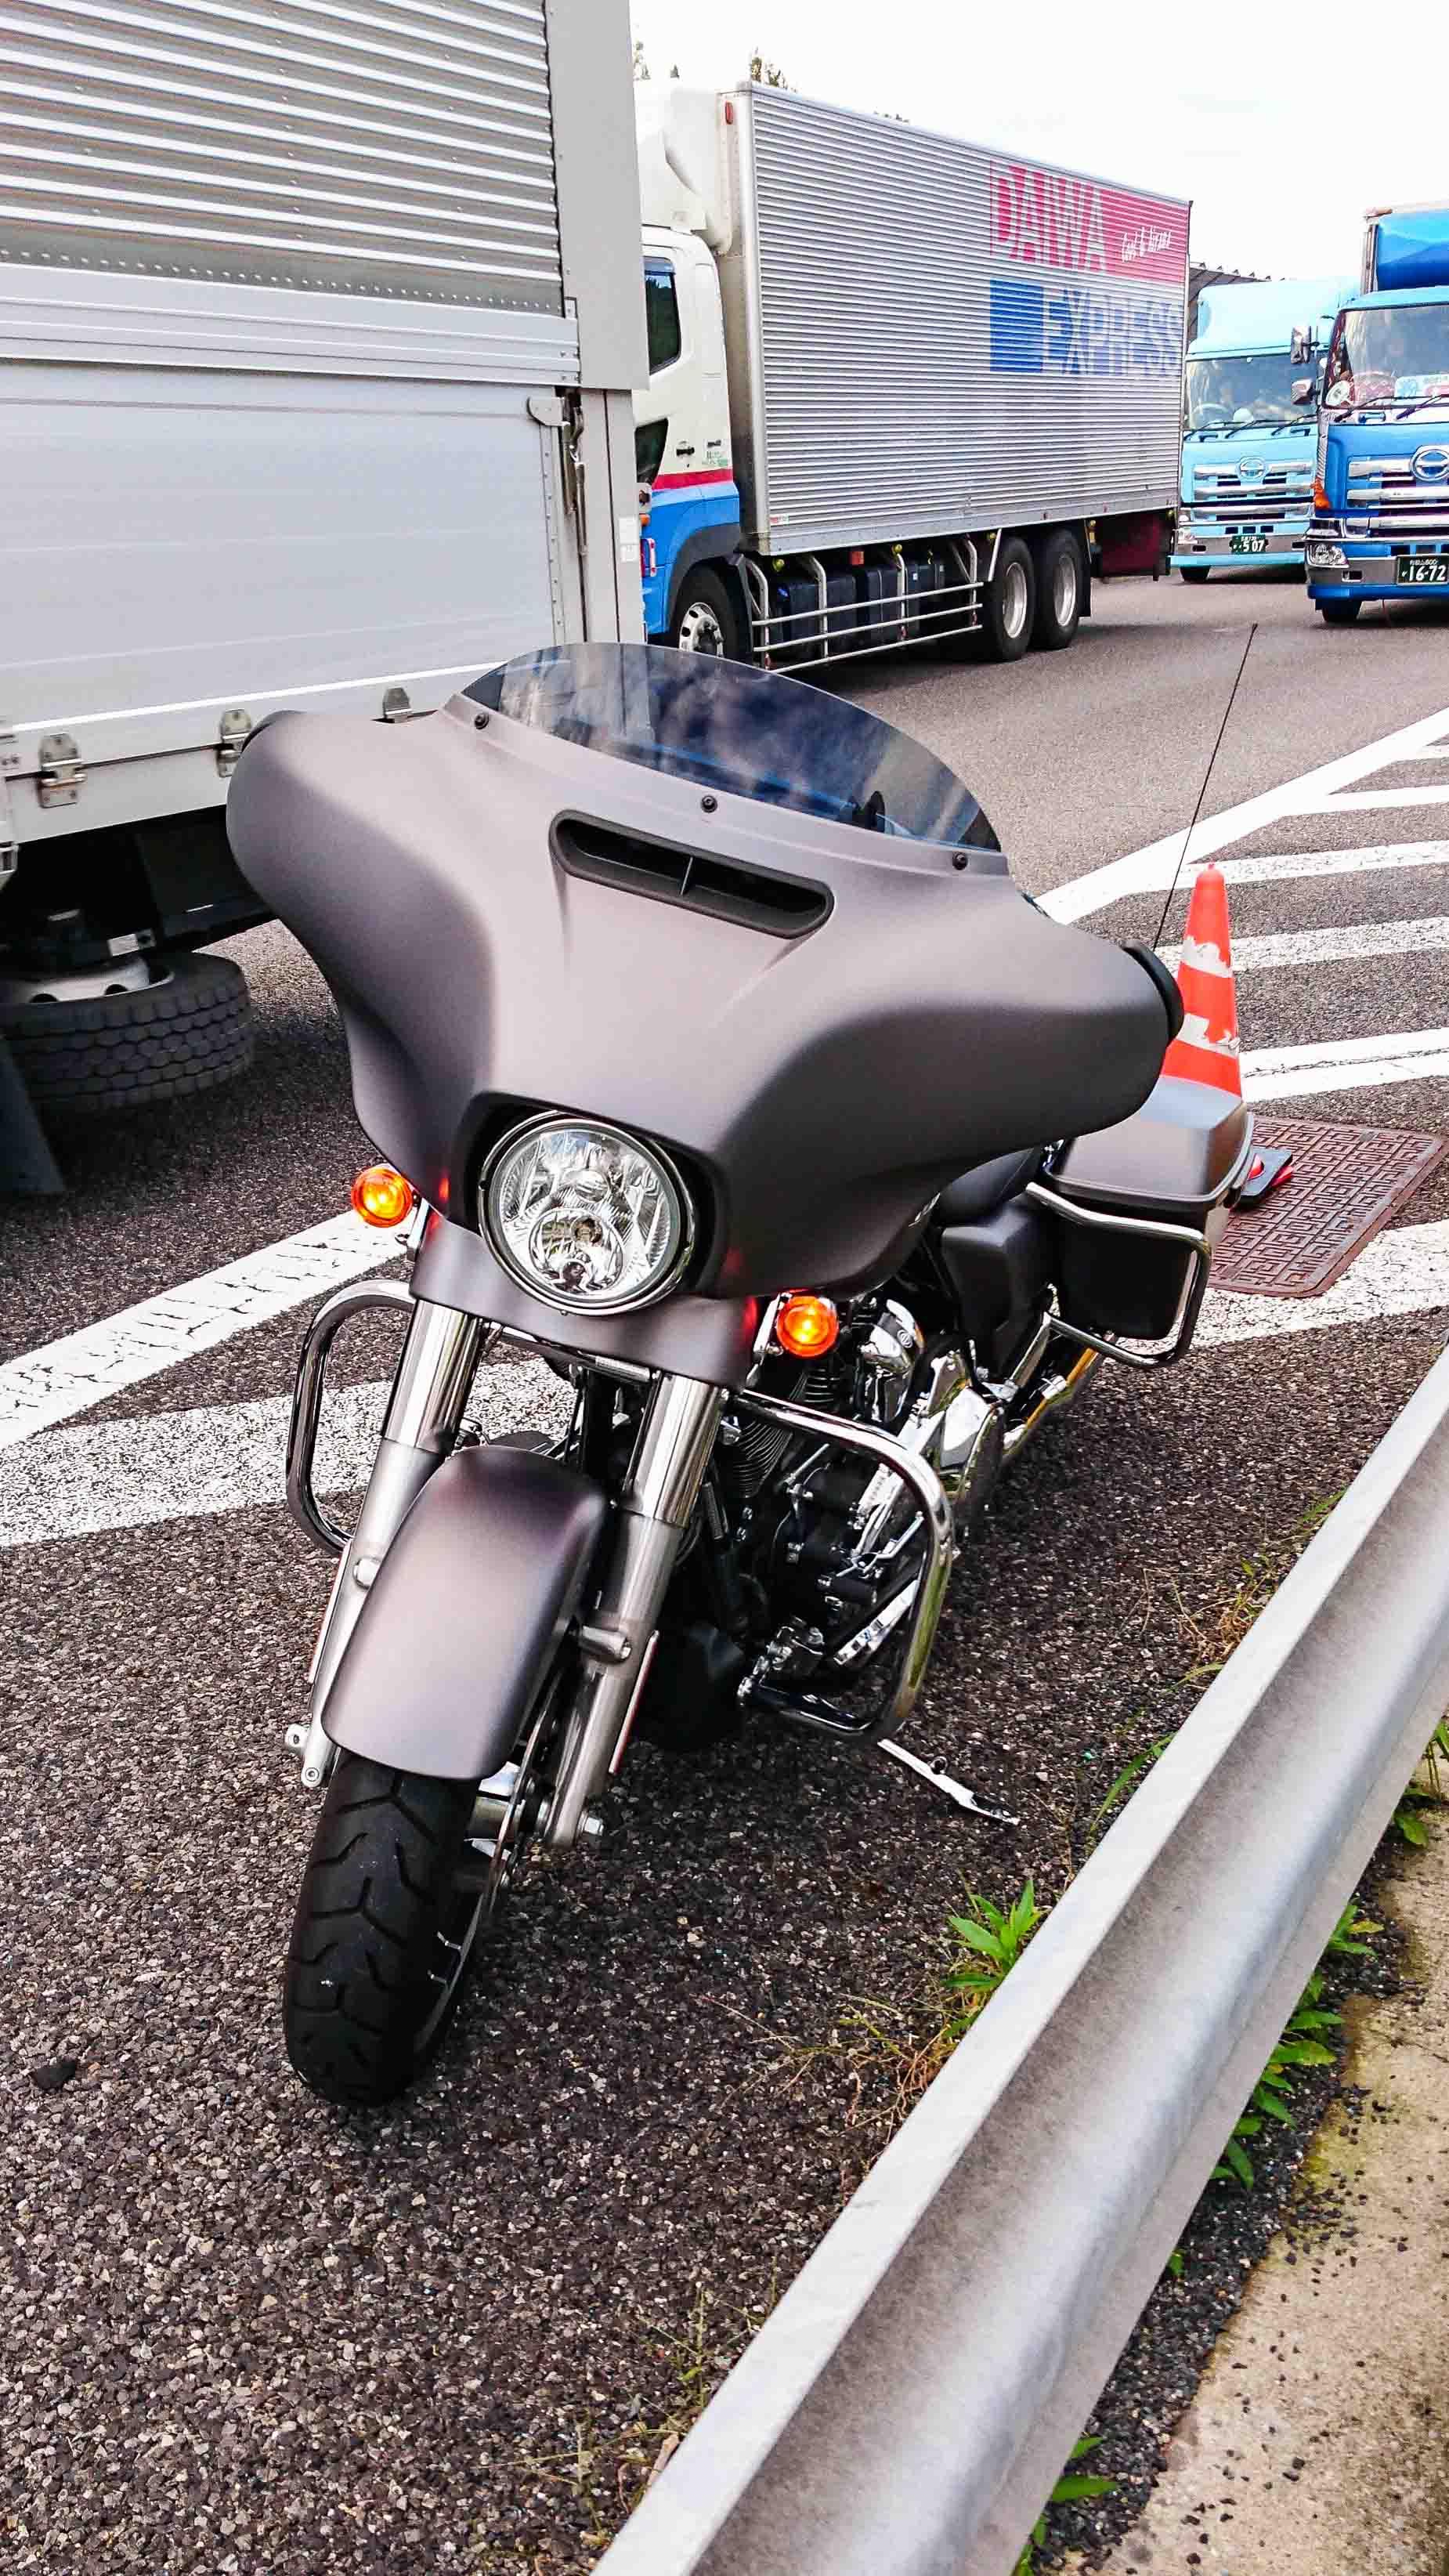 【ハーレー FLHXS】バイク初心者がストリートグライドを人生初バイクとした人間から学ぶインプレと教訓<失敗>(後編)